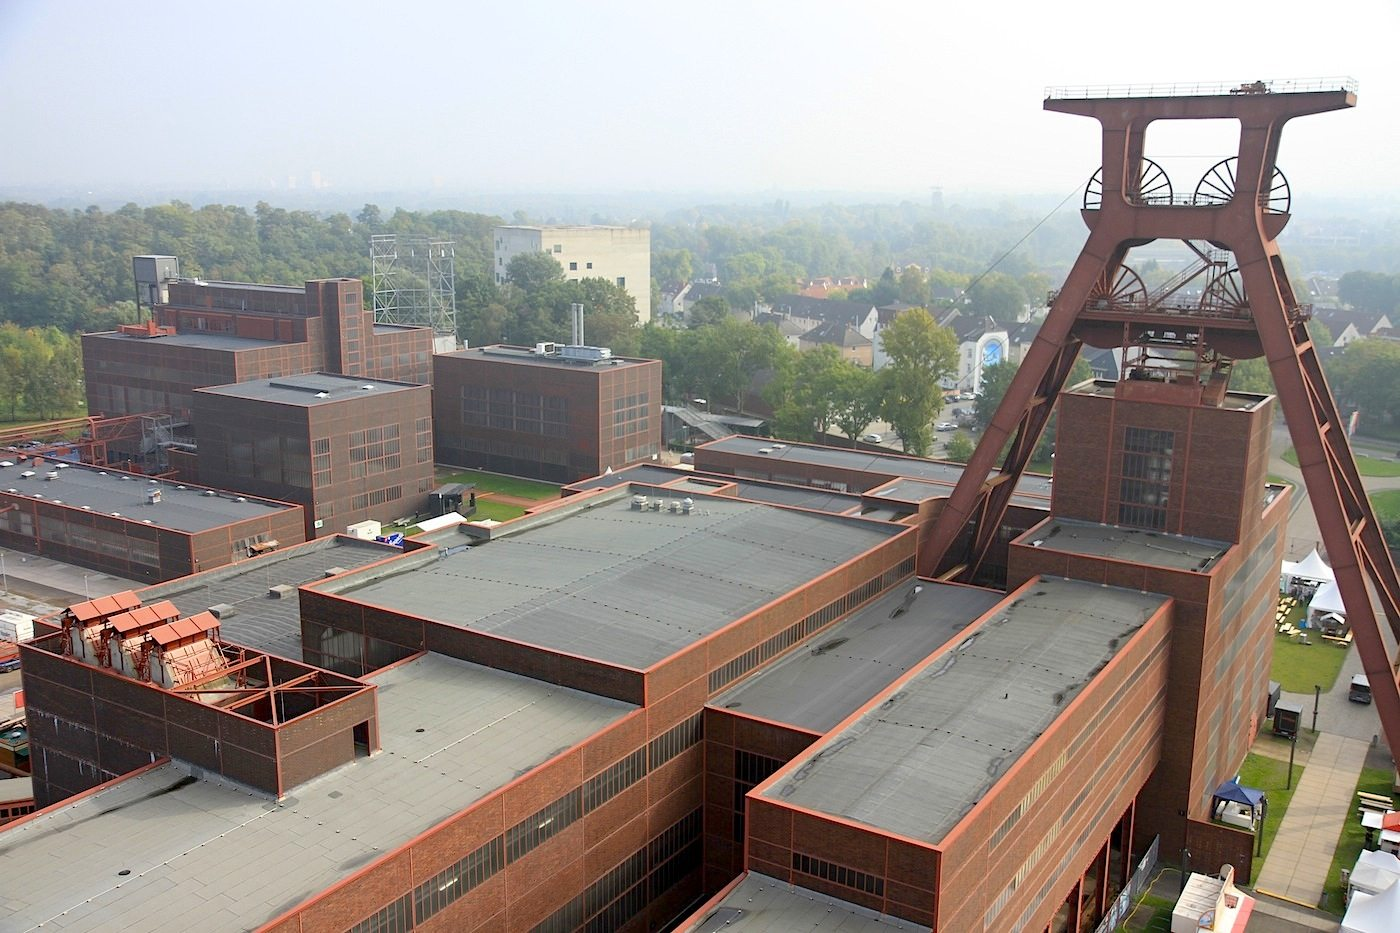 Zeche Zollverein. Die im Stil des Neuen Bauens entworfenen Gebäude sind symmetrisch angeordnet und bis ins Detail funktional und rational aufgebaut.